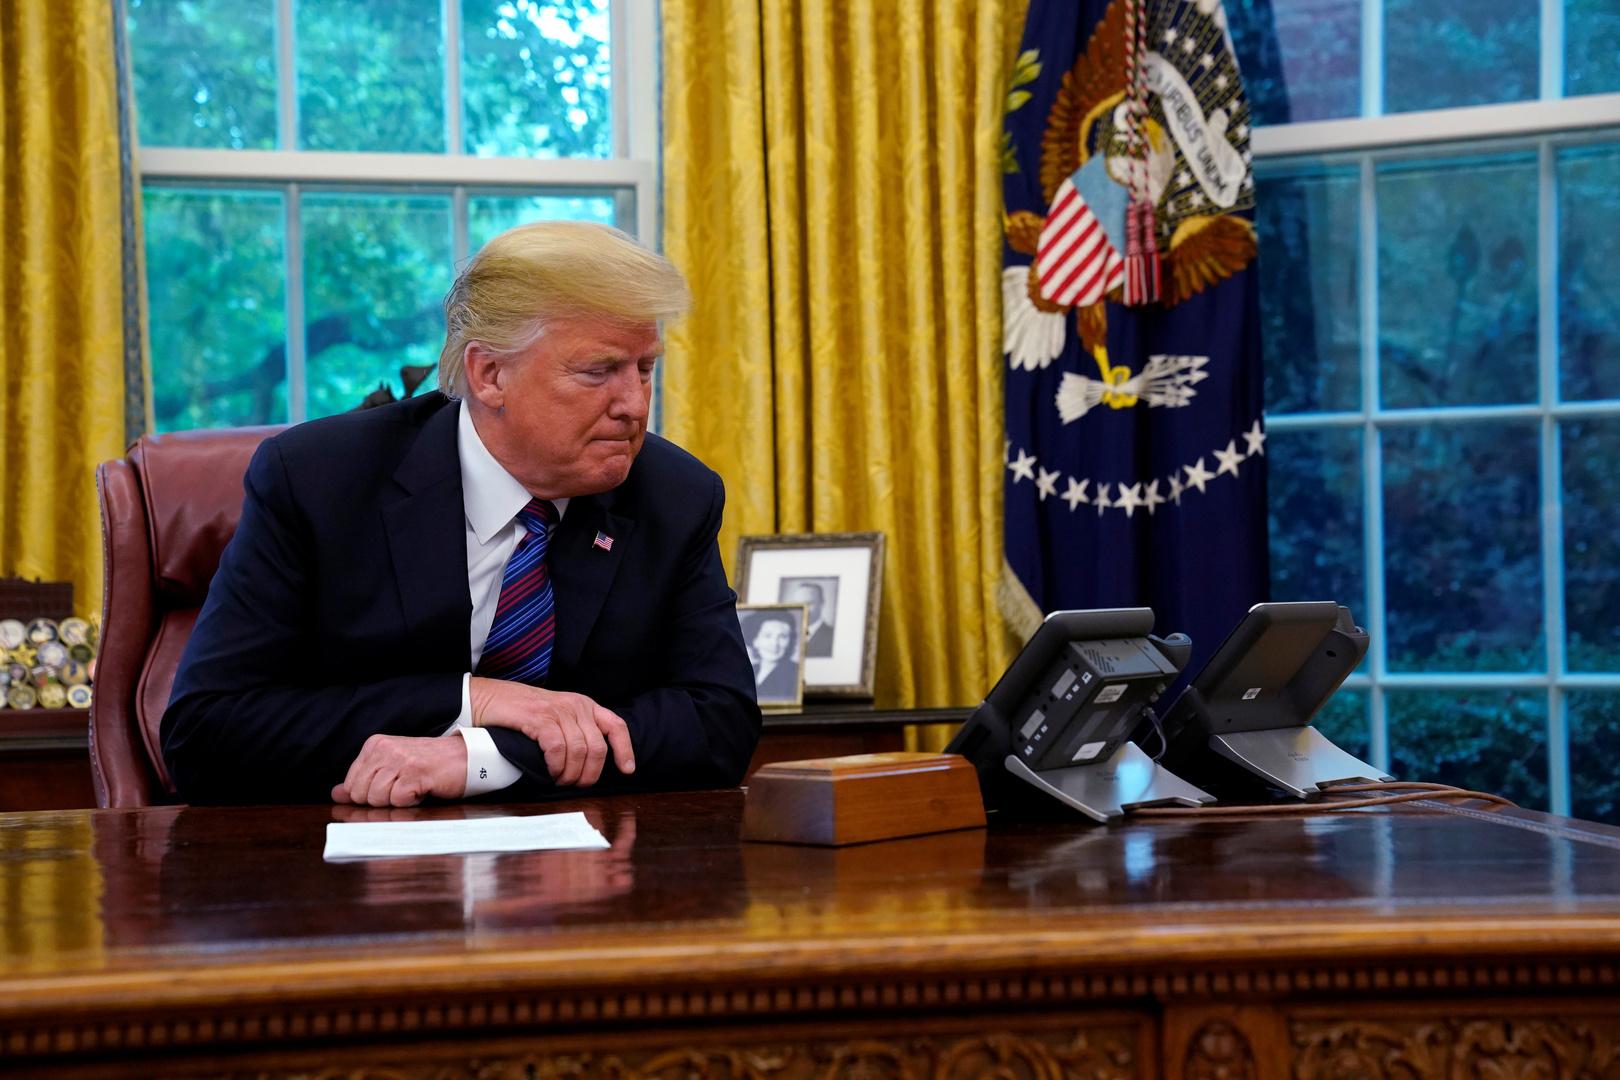 الرئيس الأمريكي دونالد ترامب في المكتب البيضاوي